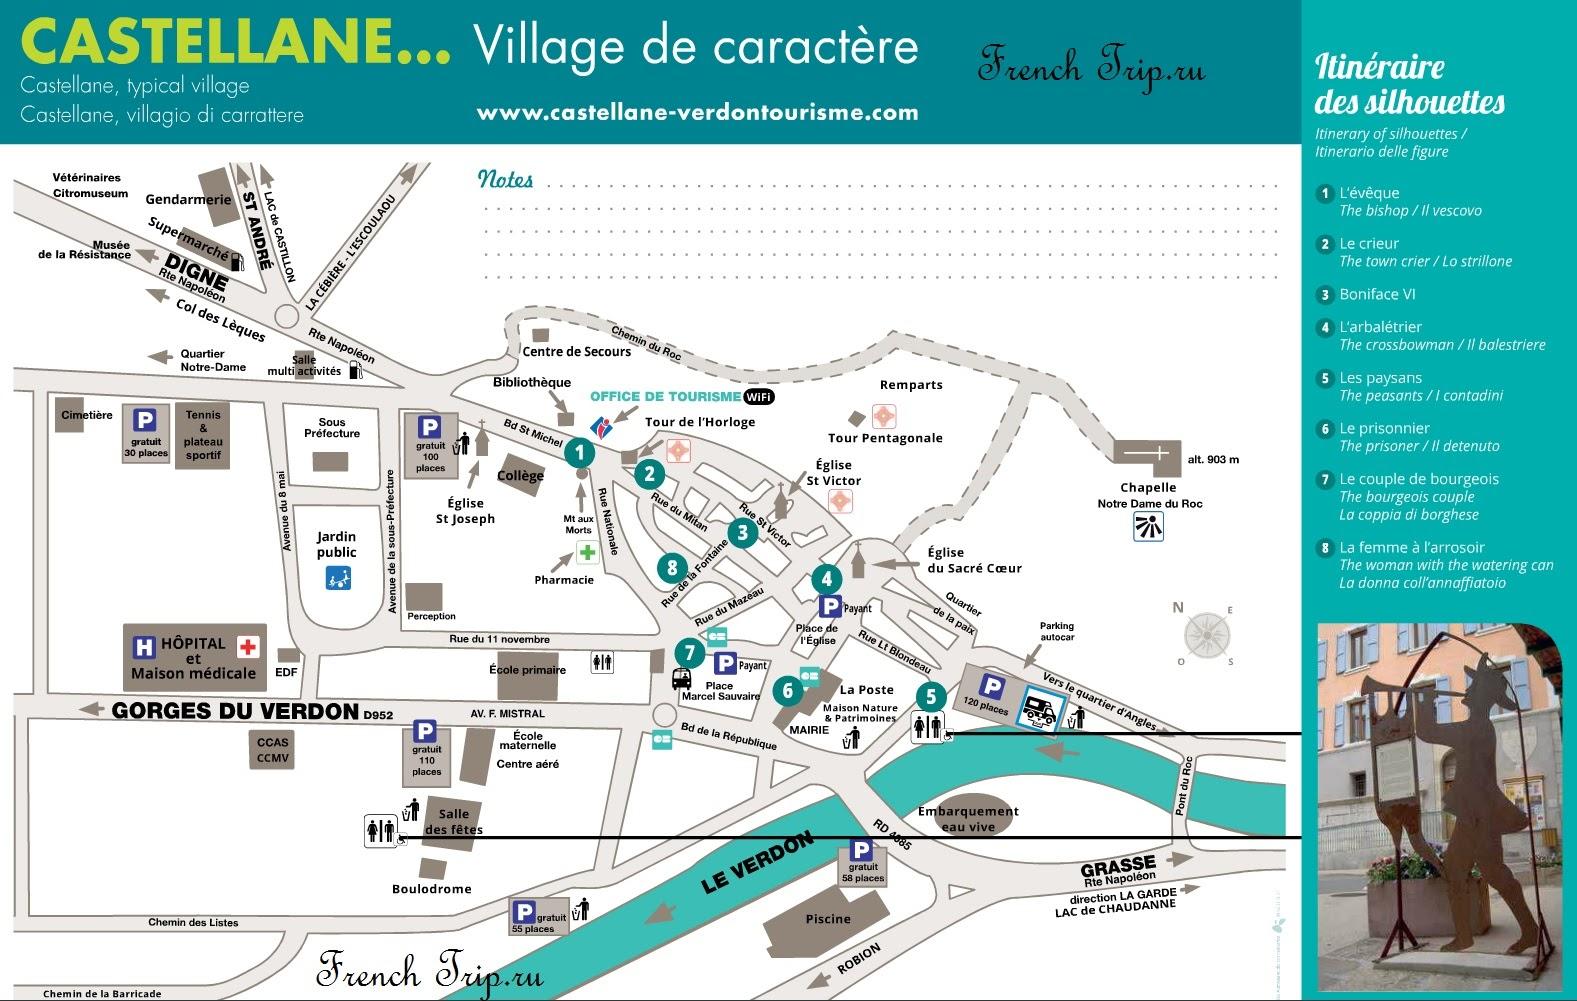 Castellane (Кастеллан) - туристический маршрут по городу, карта Кастеллане с достопримечательностями. что посмотреть в Кастеллане